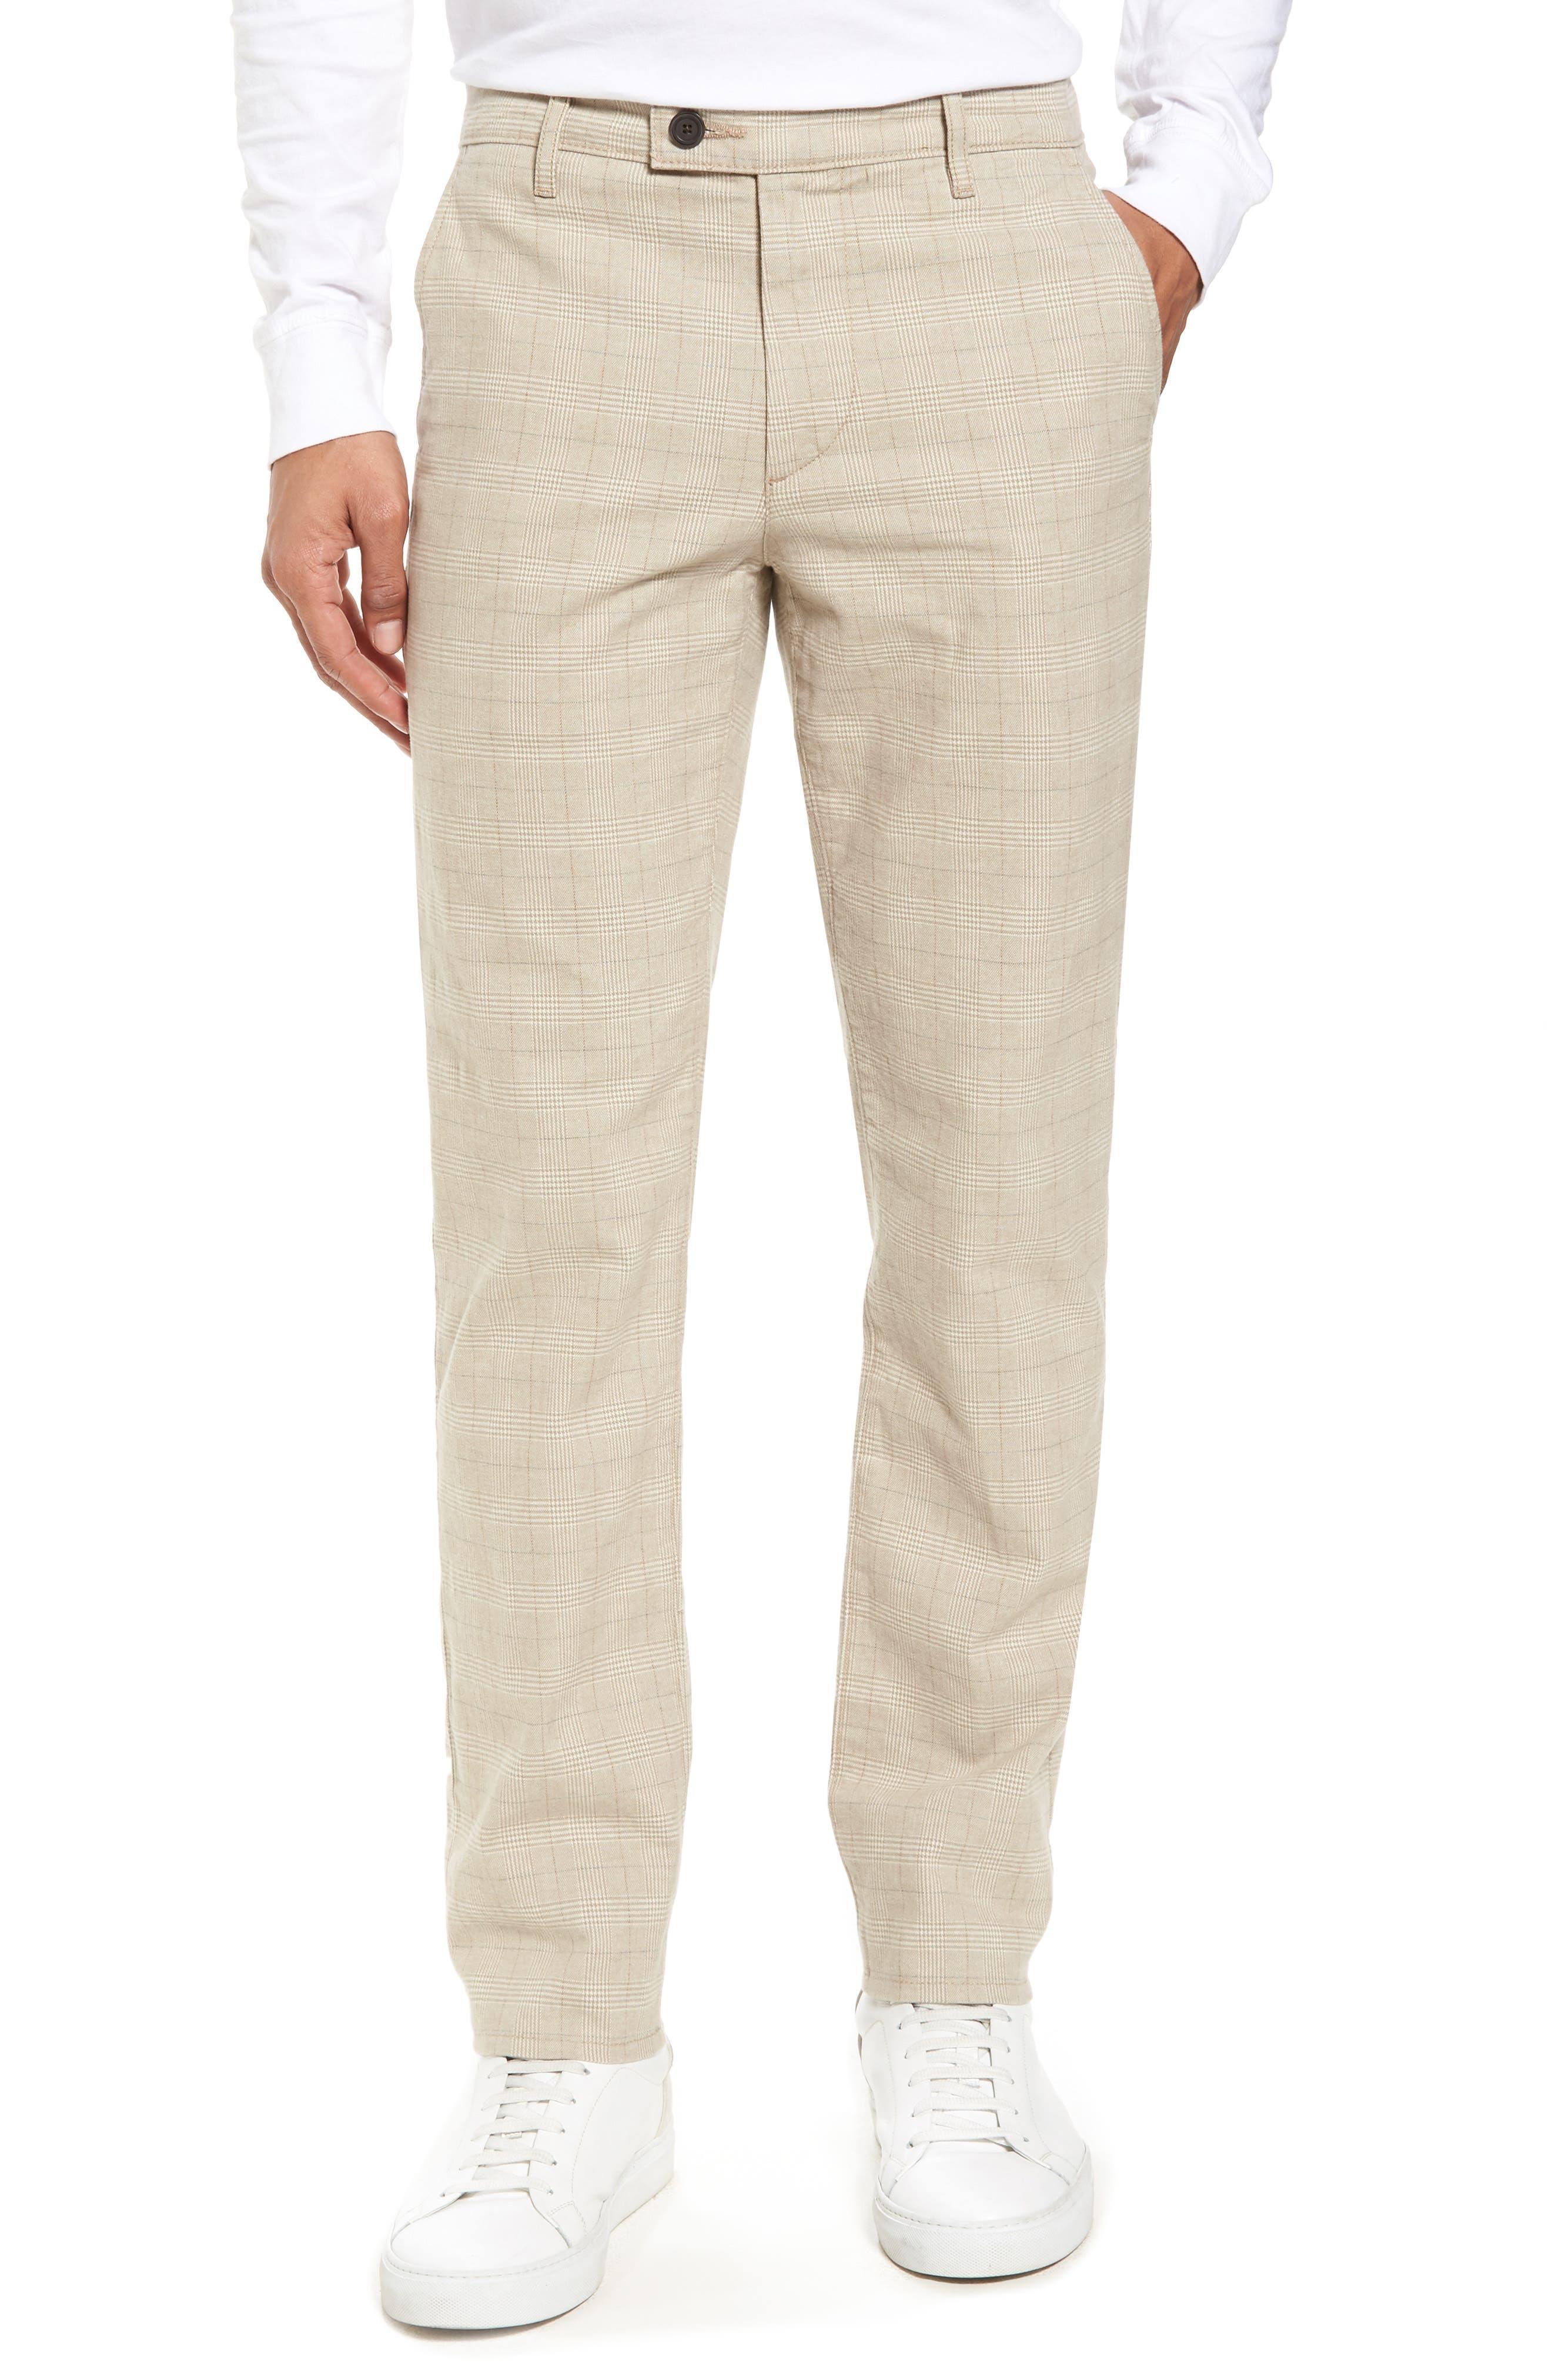 AG Marshall Slim Fit Pants